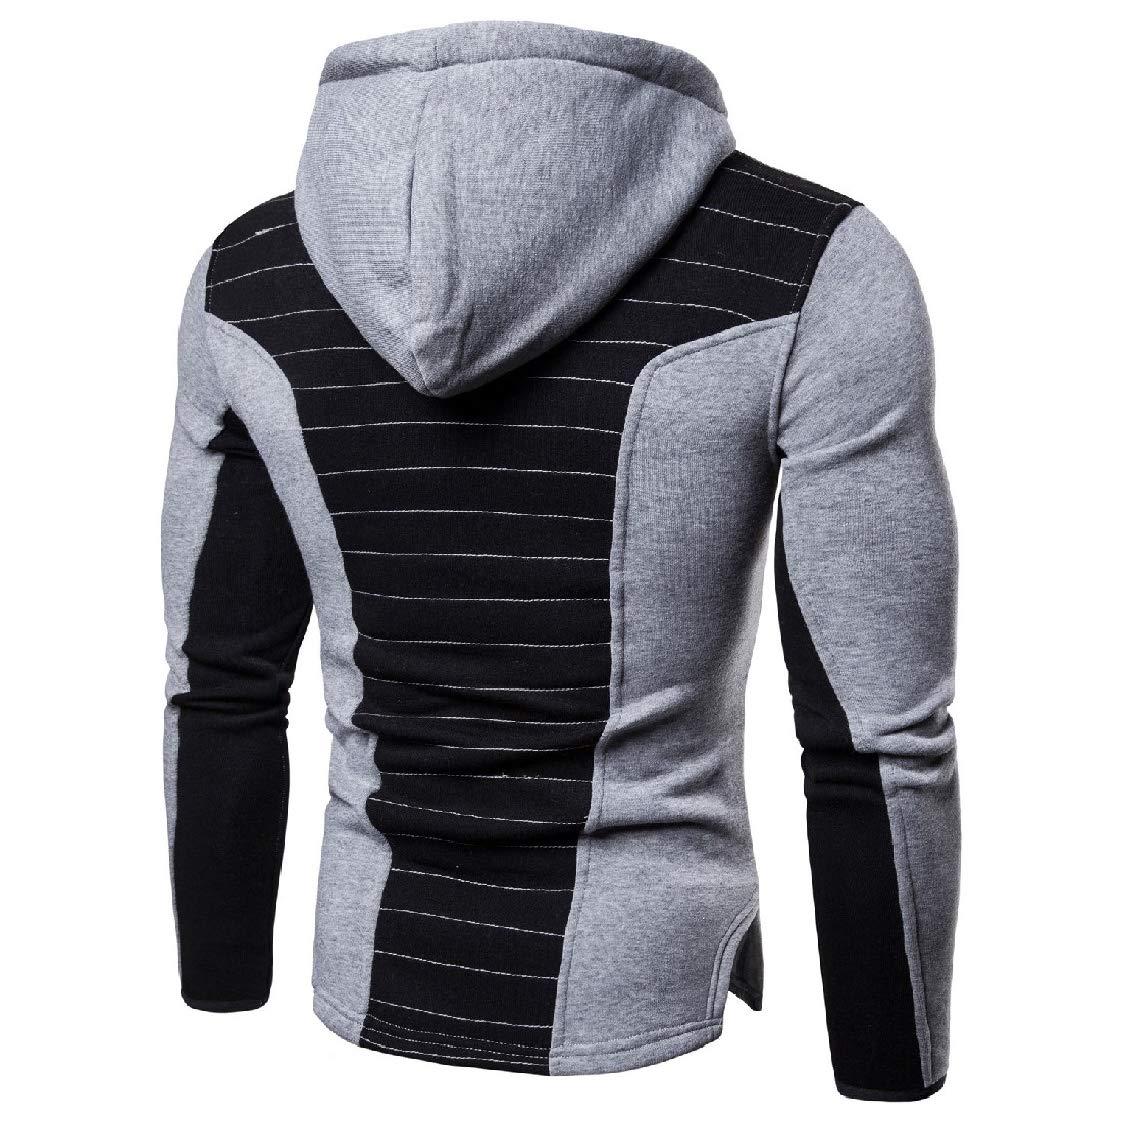 YUNY Men Color Block Full-Zip Sports Hooded Fitness Sweatshirts Outwear Light Grey S